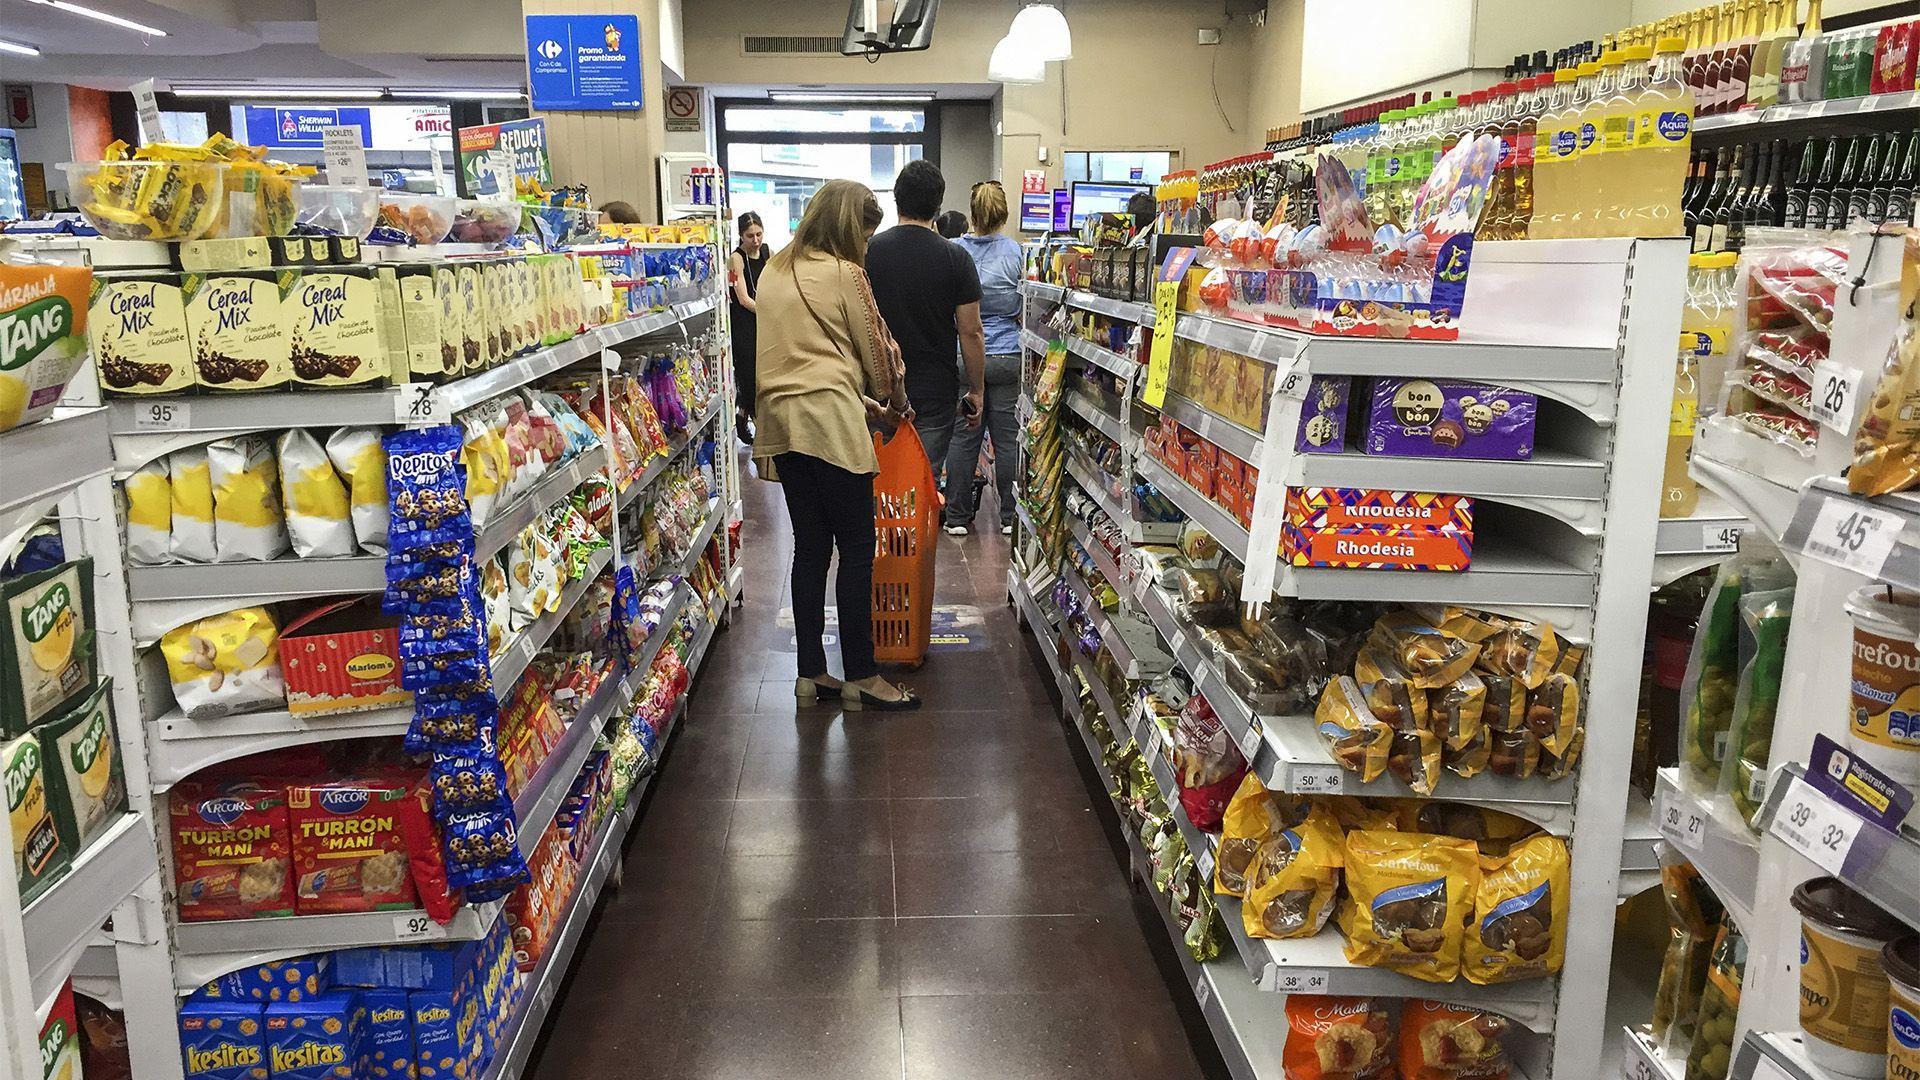 La inflación cerrará el año en torno al 40% y proyectan 27,6% para el 2020